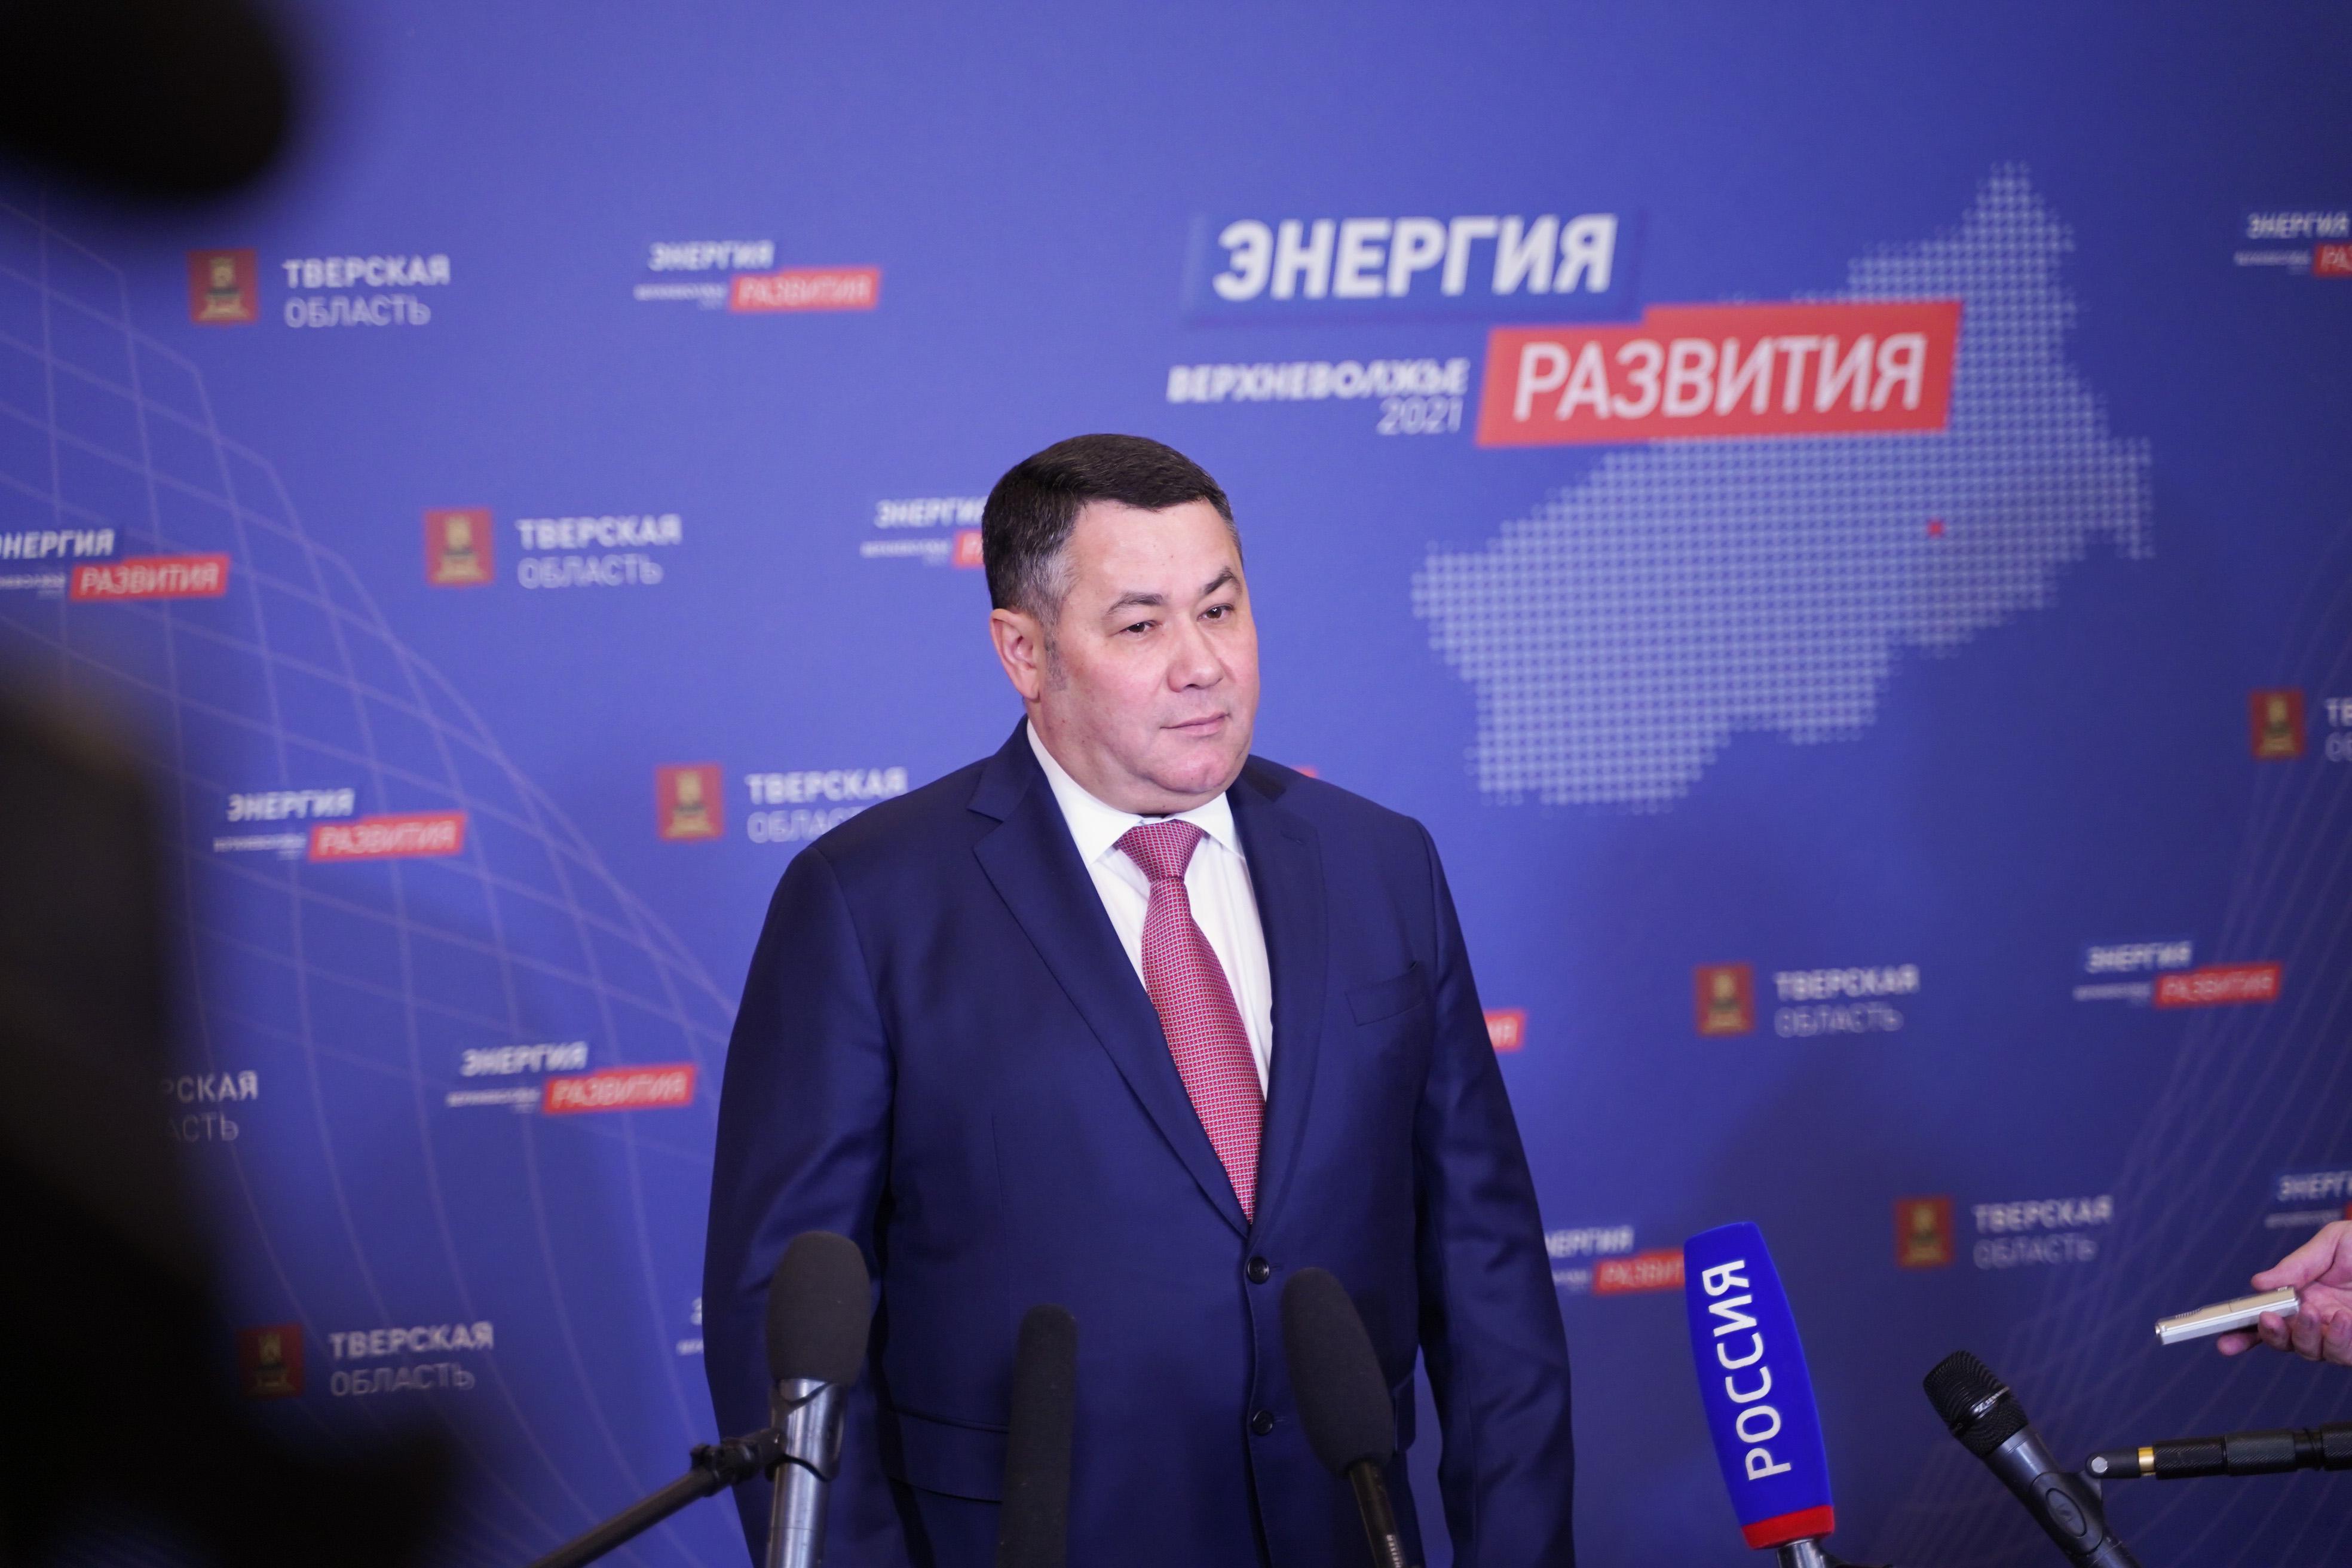 Игорь Руденя обозначил главные направления развития Тверской области